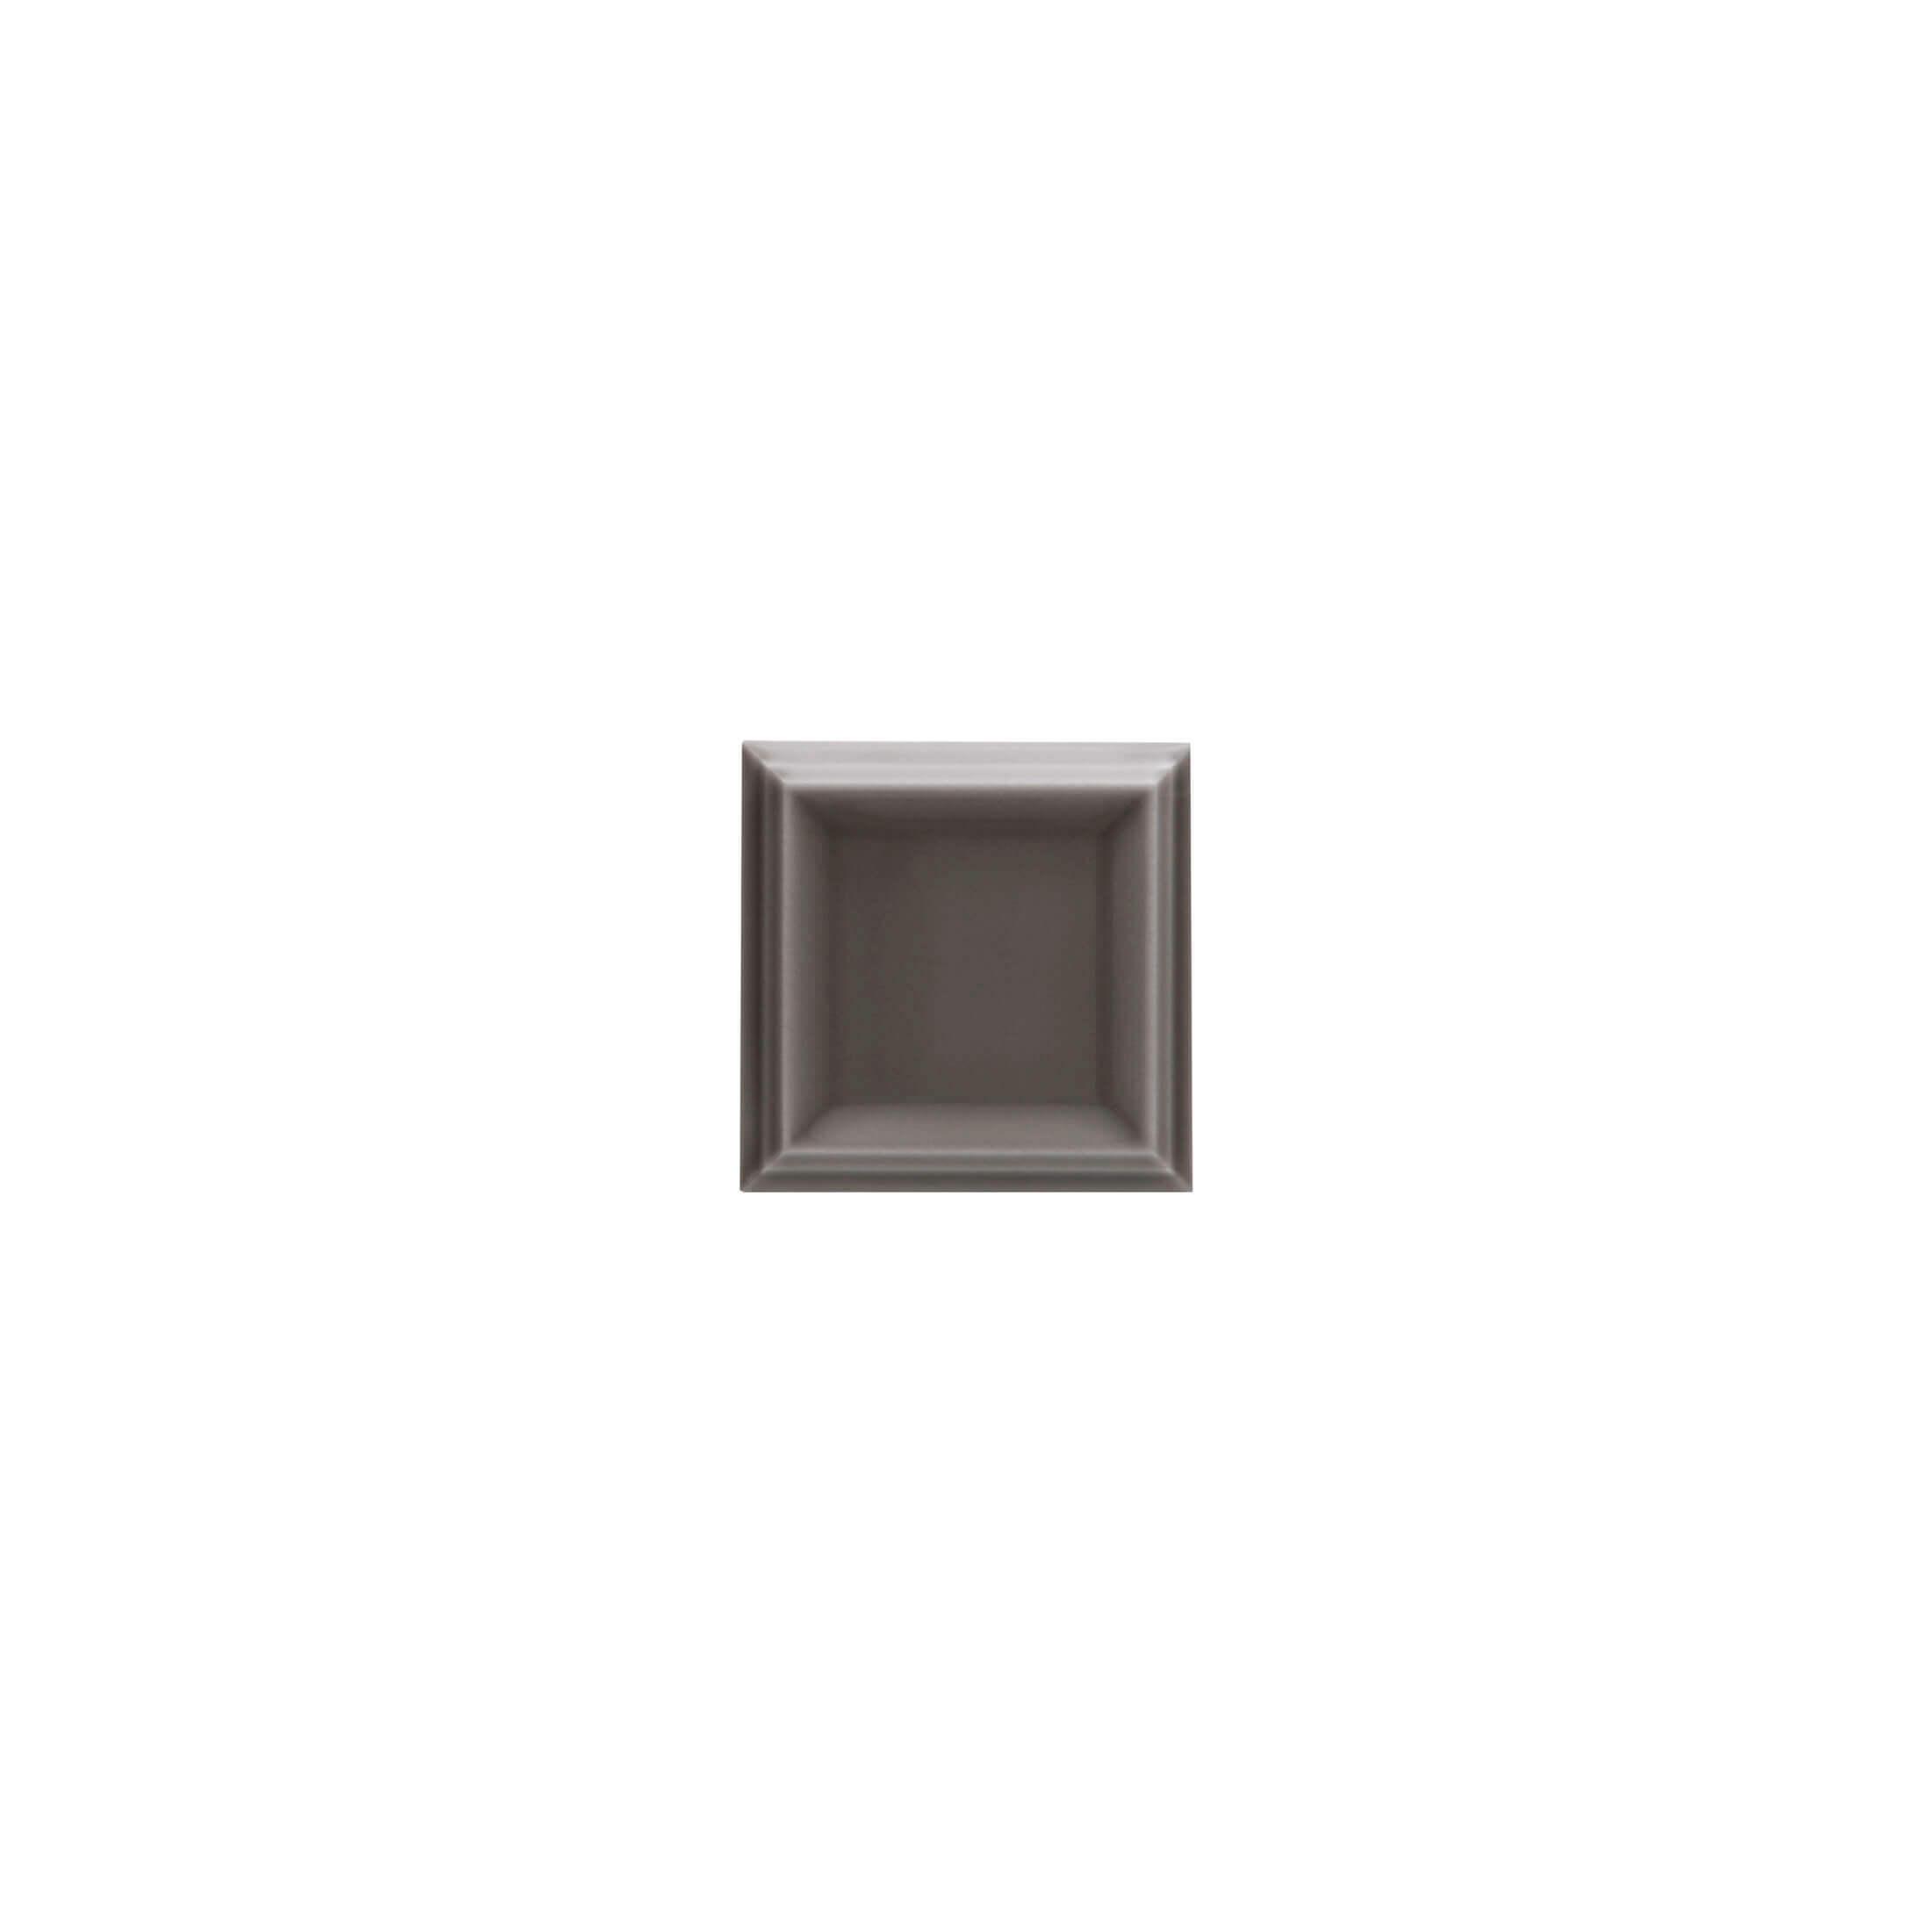 ADST1081 - LISO FRAMED - 7.3 cm X 7.3 cm